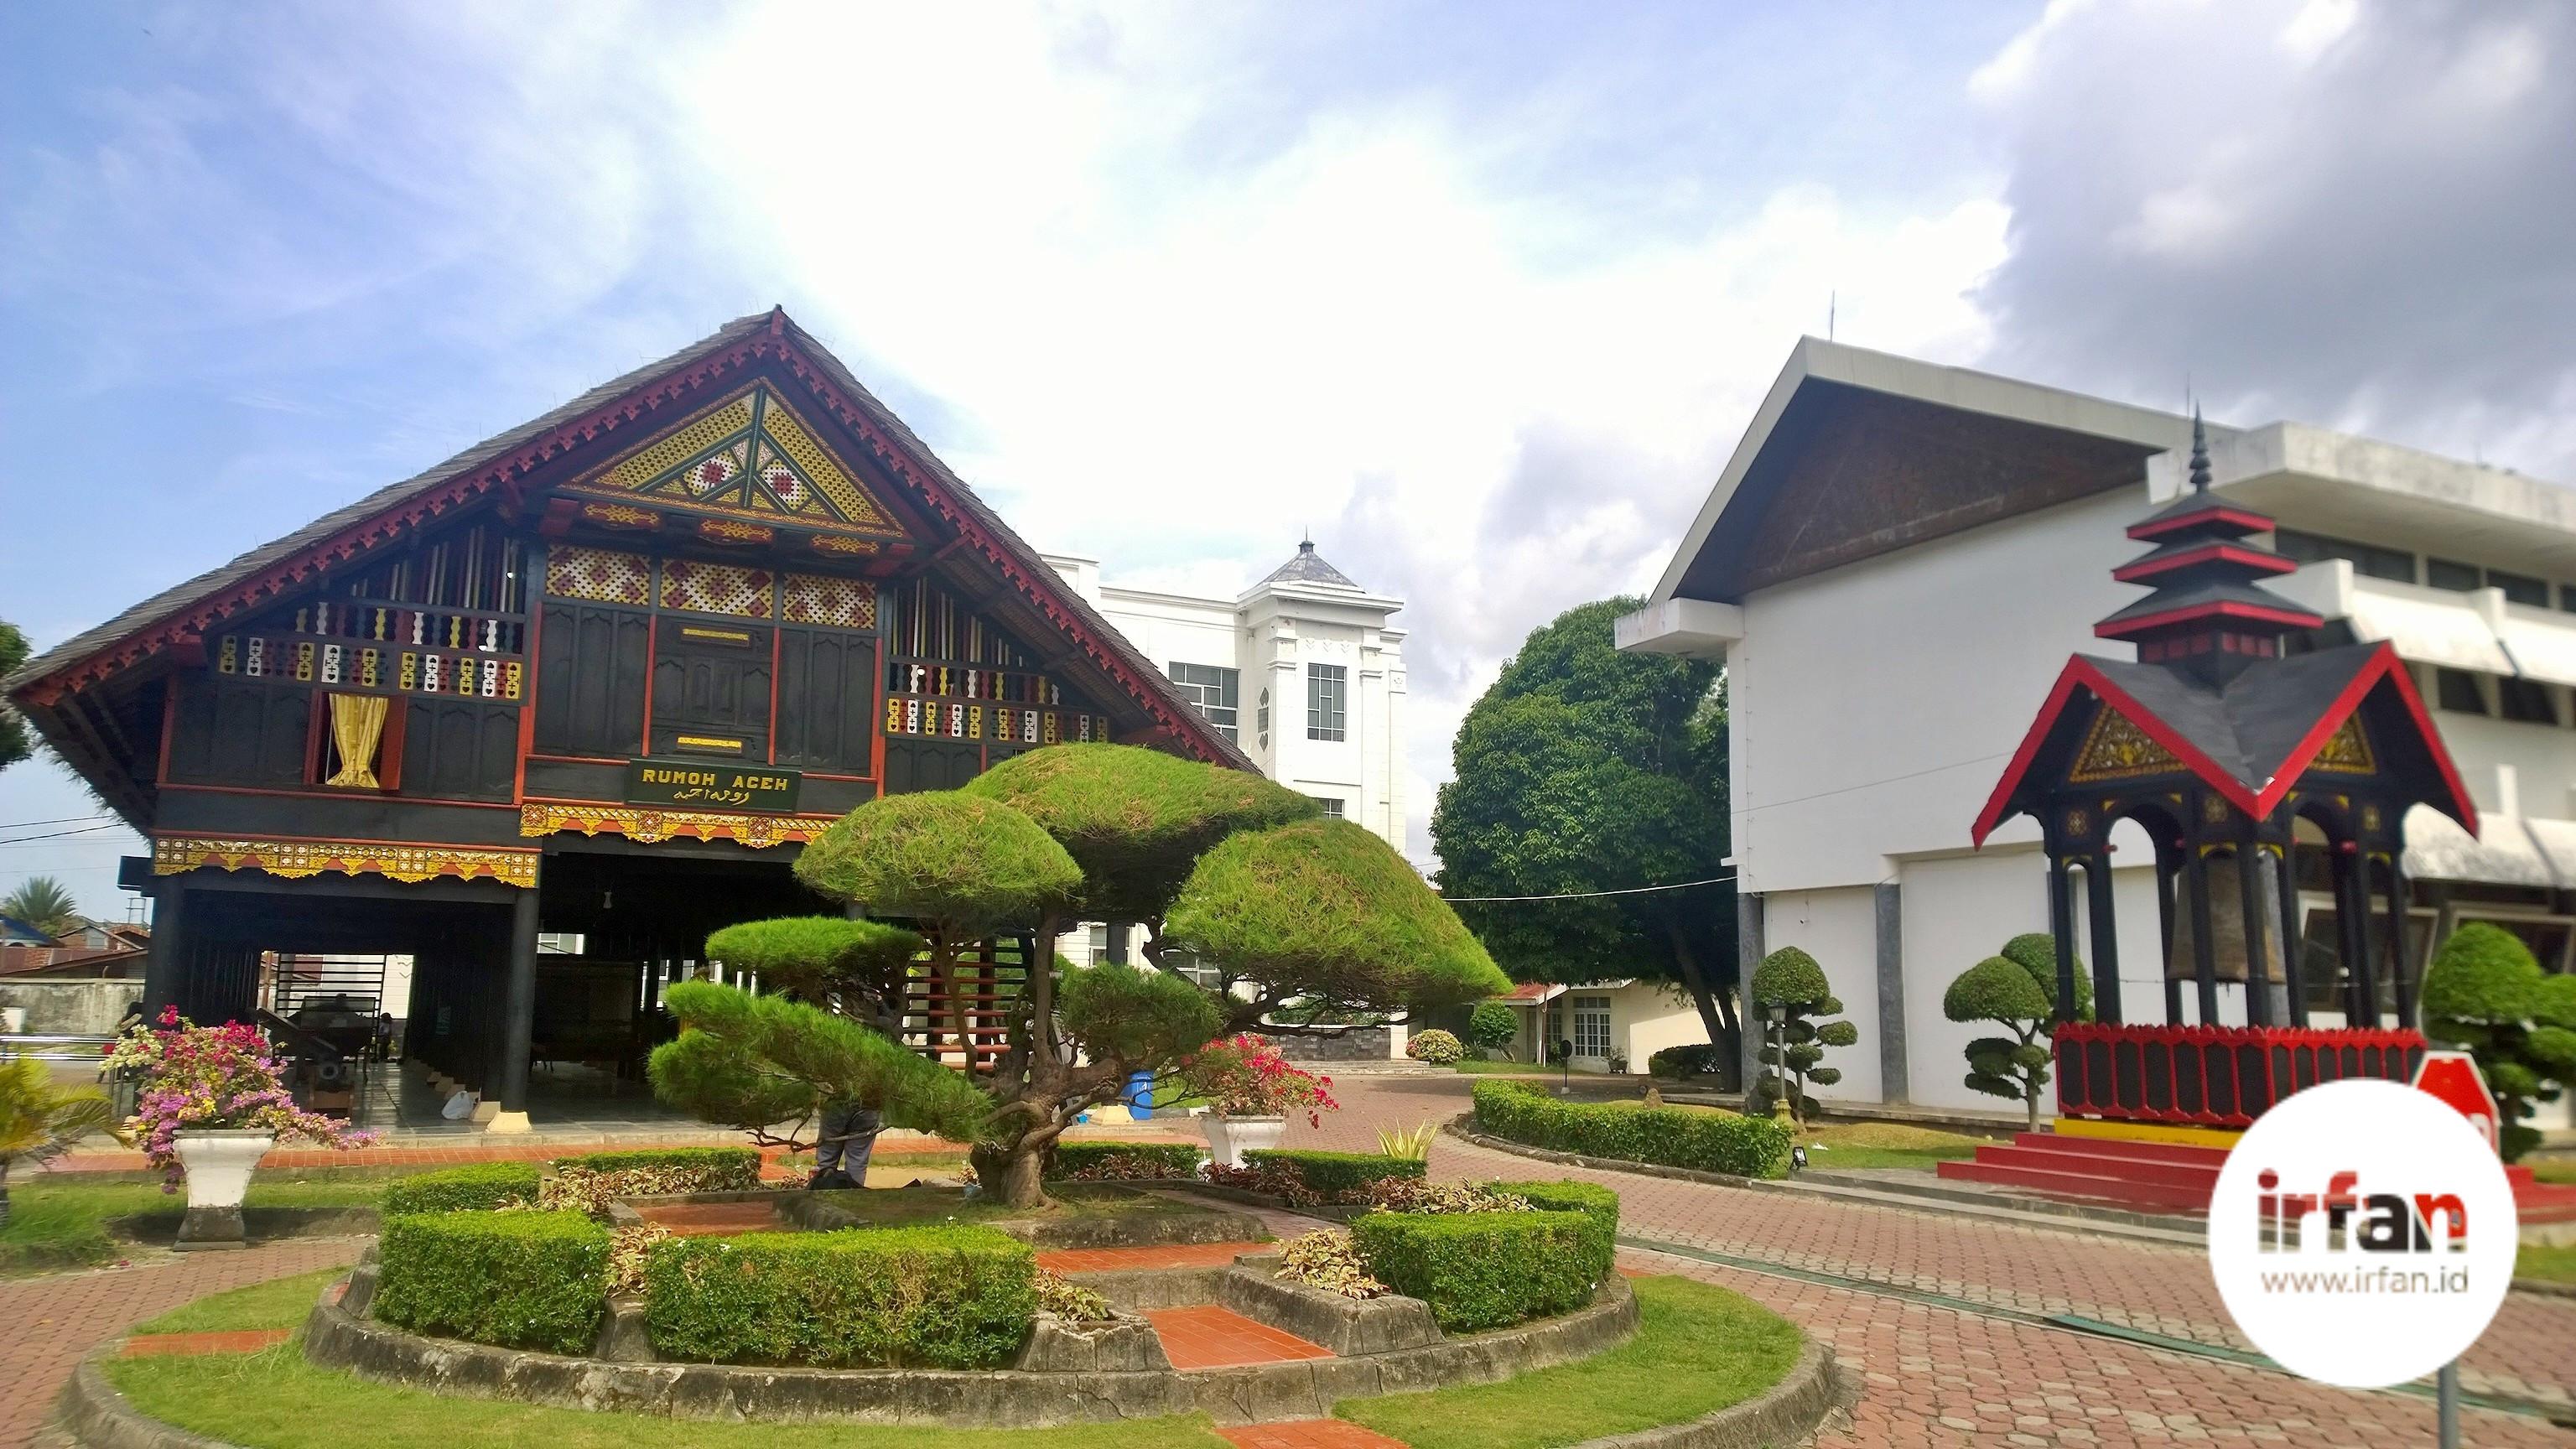 FOTO: Museum Negeri Aceh, Wisata Sejarah Yang Wajib Dikunjungi 36